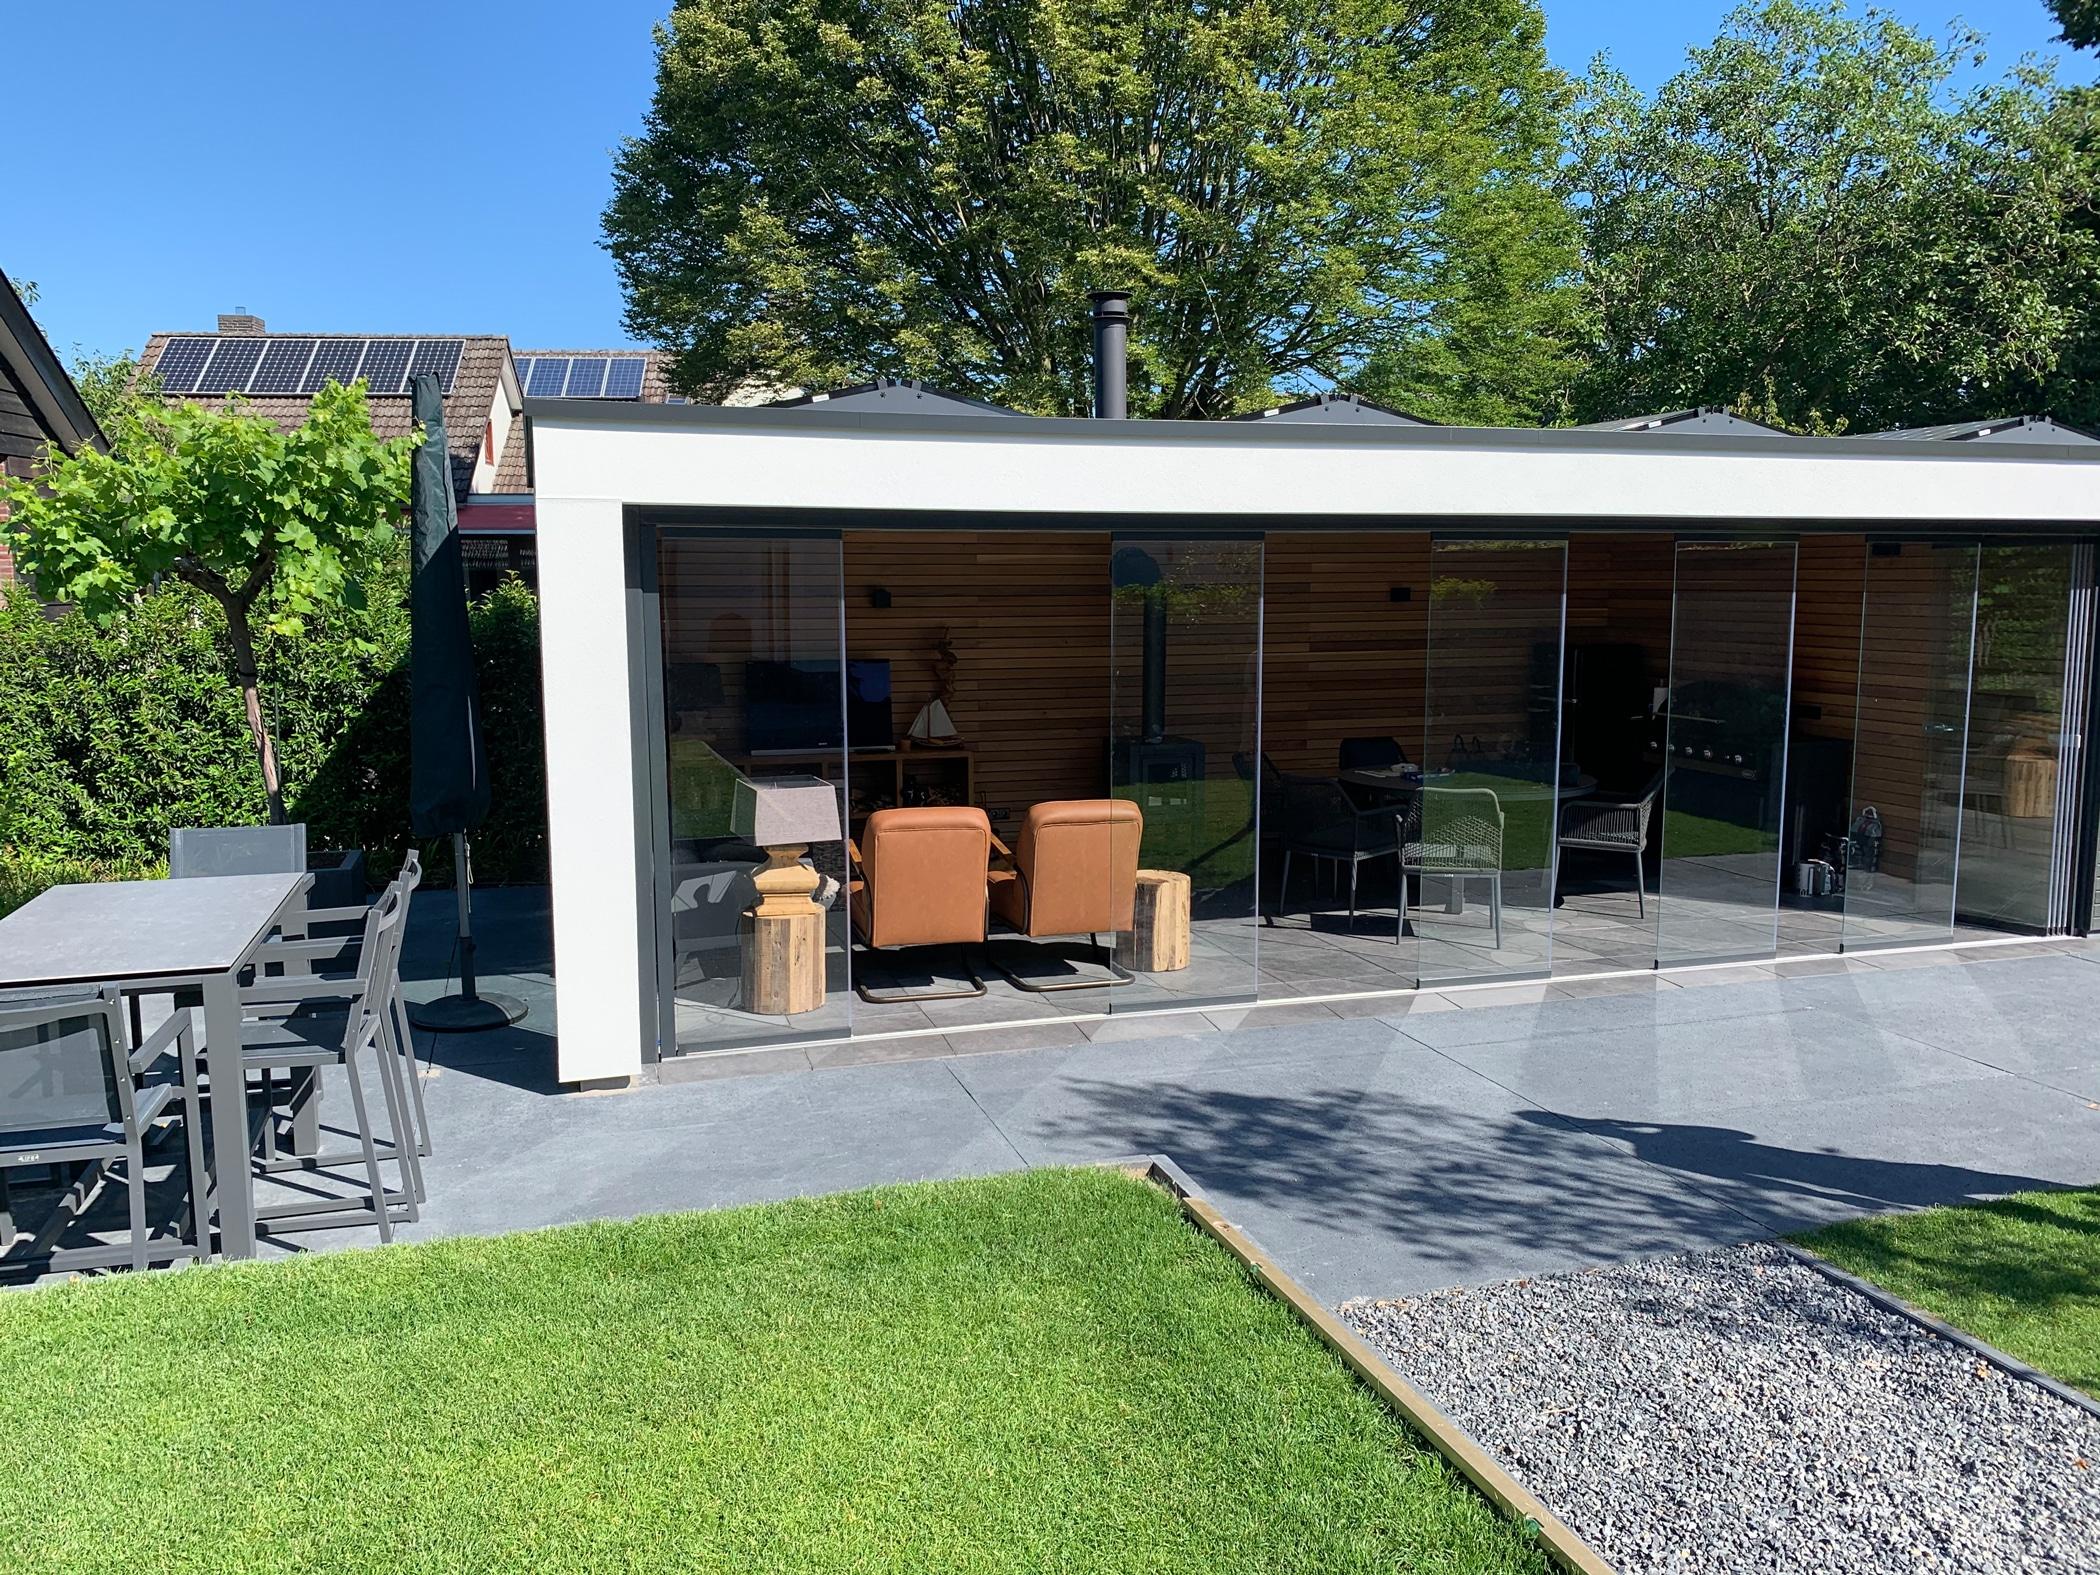 Gartenhaus mit Glas-Schiebe-Dreh Türen ohne Rahmen